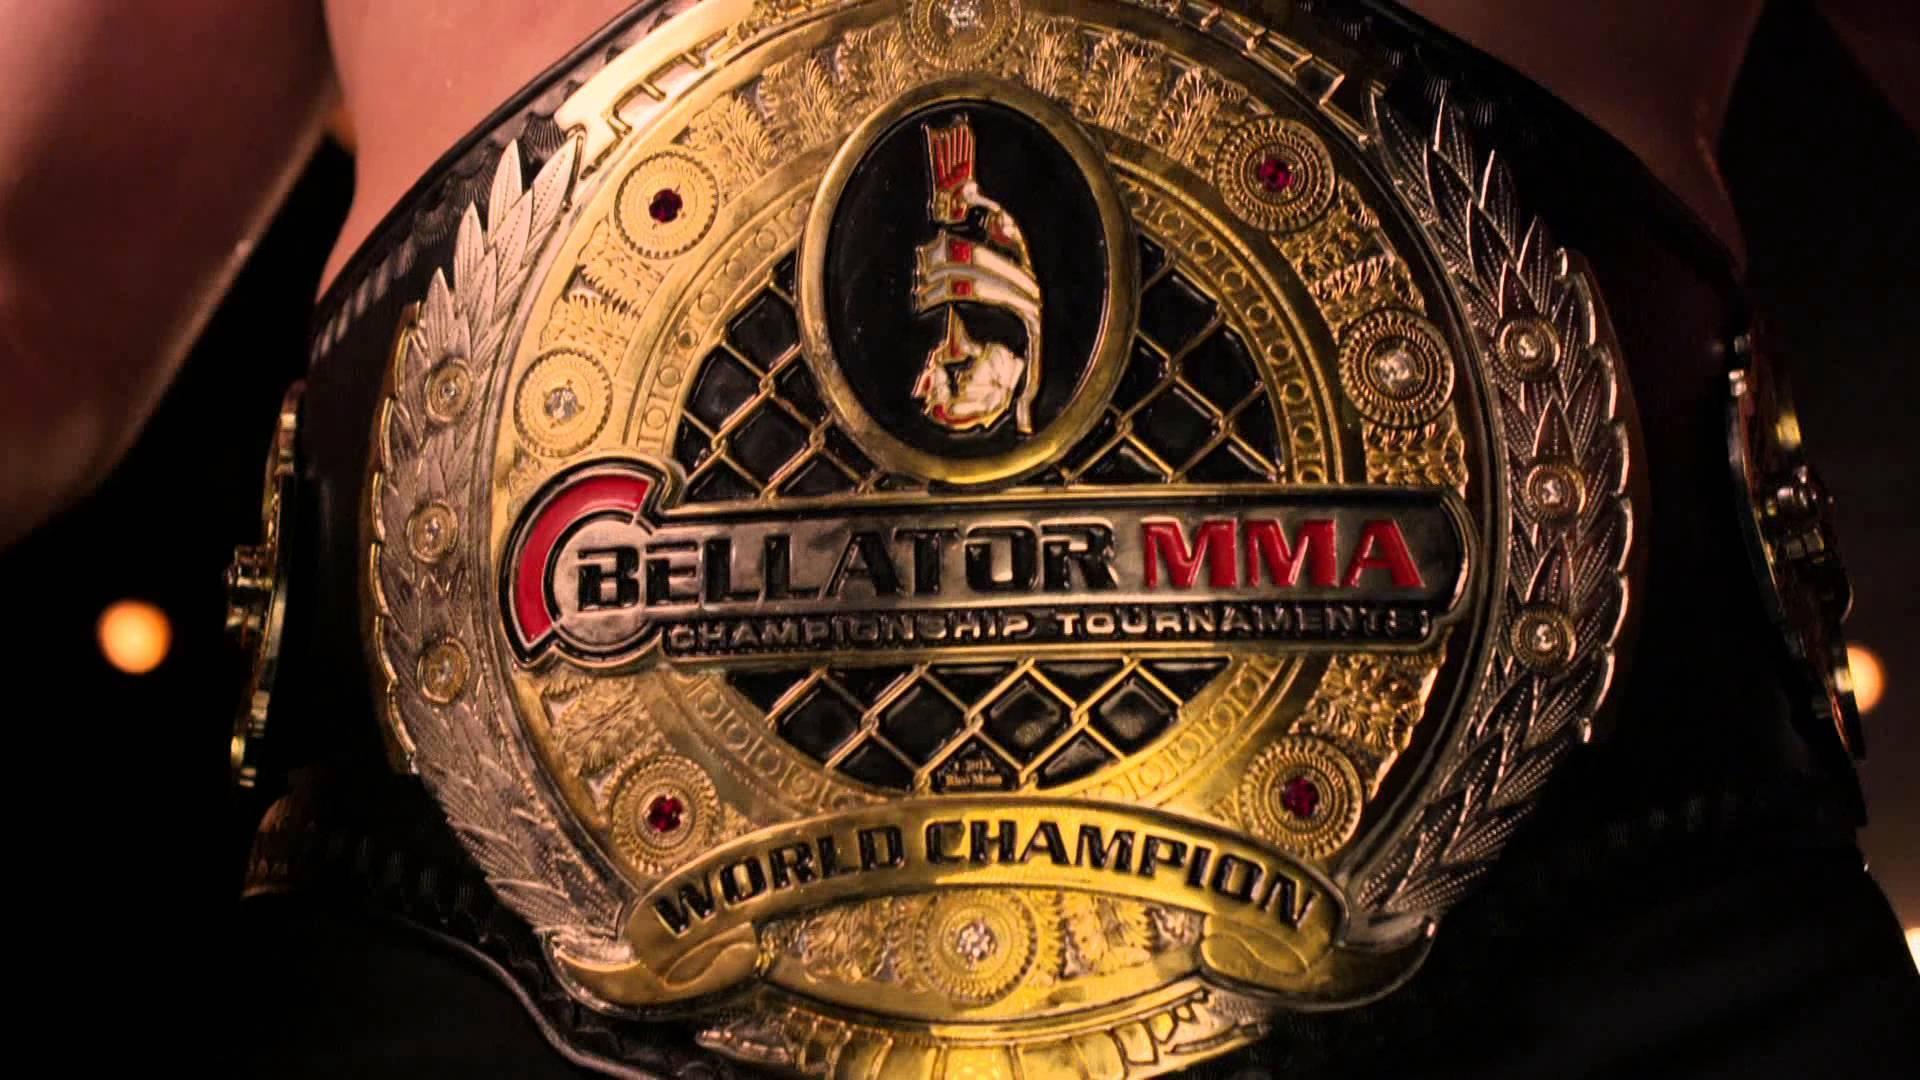 Британские фанаты не смогли увидеть главный бой турнира Bellator Вместо этого им показали